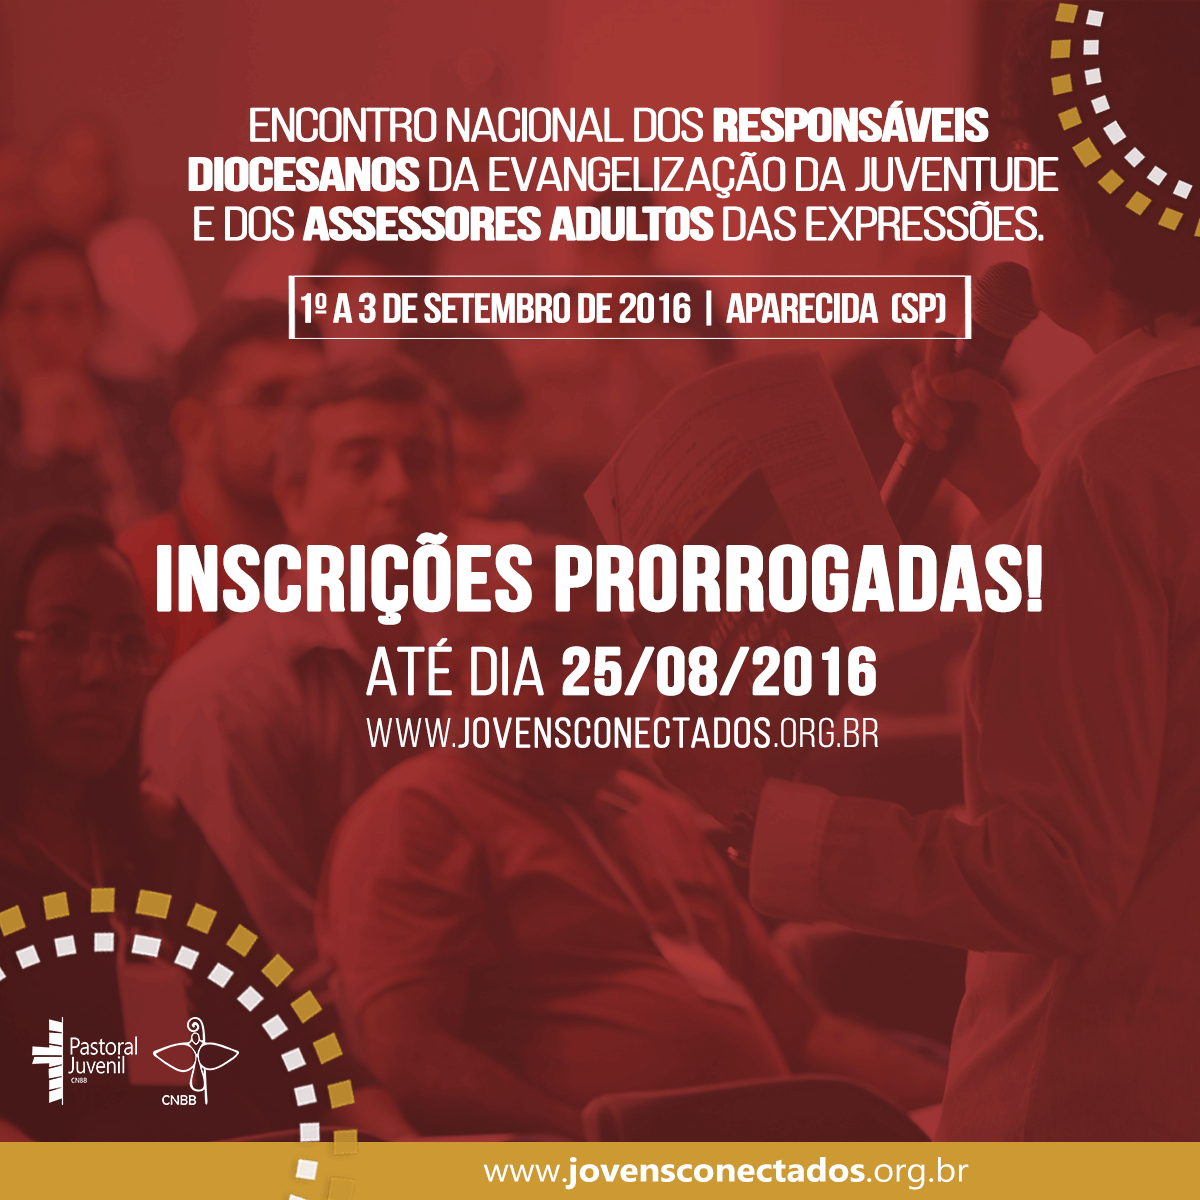 Inscrições prorrogadas para o encontro dos responsáveis adultos pela evangelização da juventude